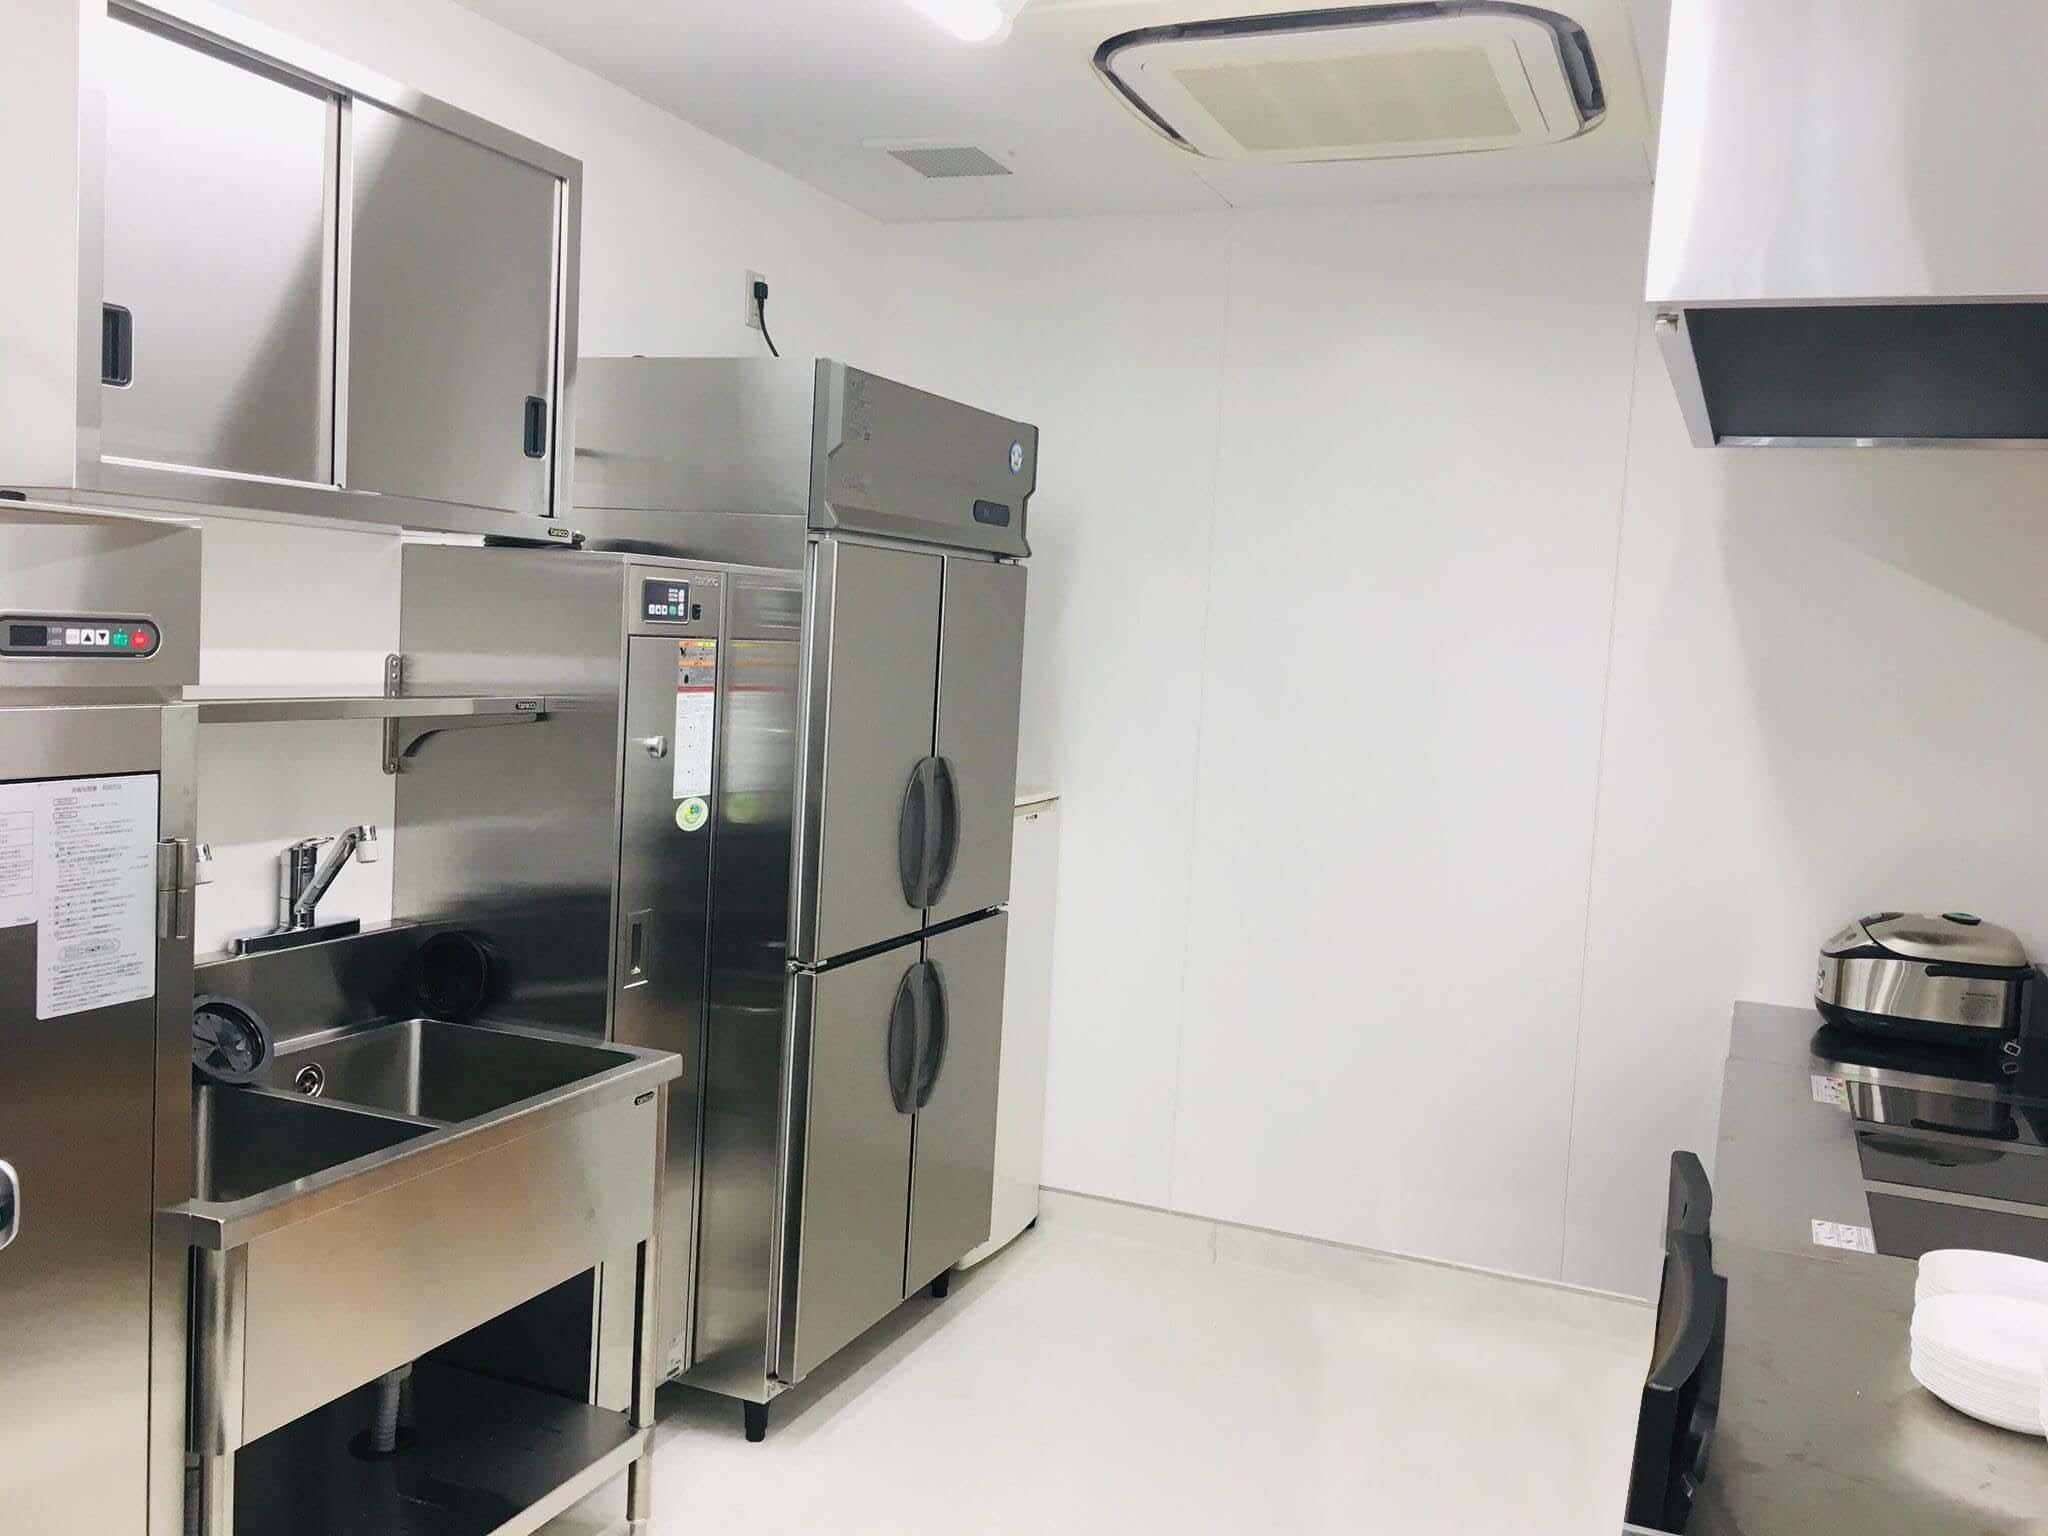 ワイドで衛生的な調理室